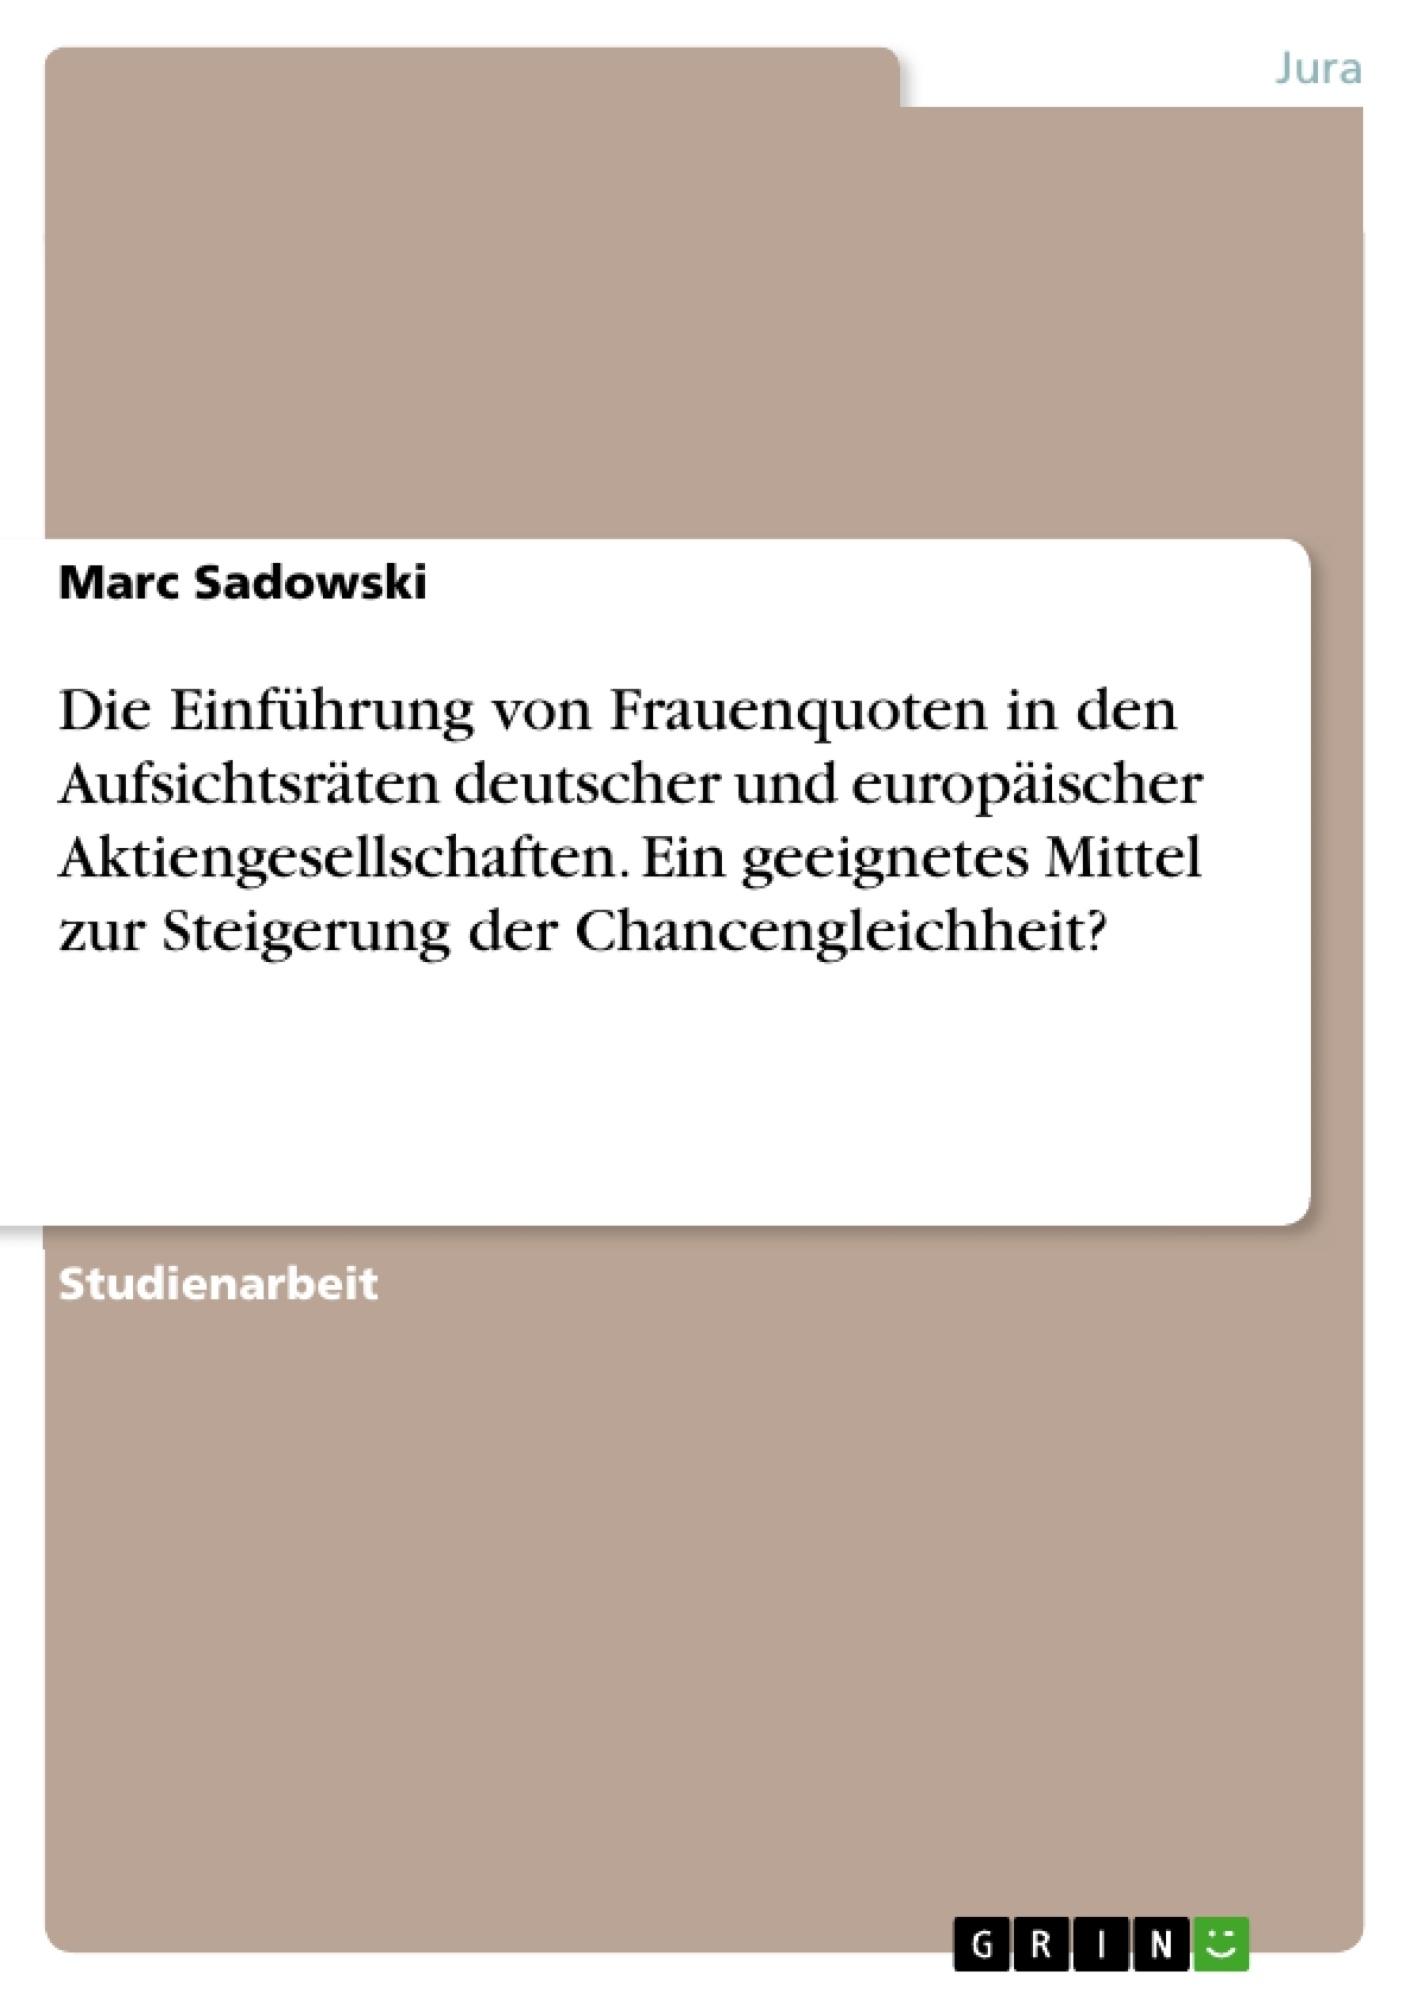 Titel: Die Einführung von Frauenquoten in den Aufsichtsräten deutscher und europäischer Aktiengesellschaften. Ein geeignetes Mittel zur Steigerung der Chancengleichheit?